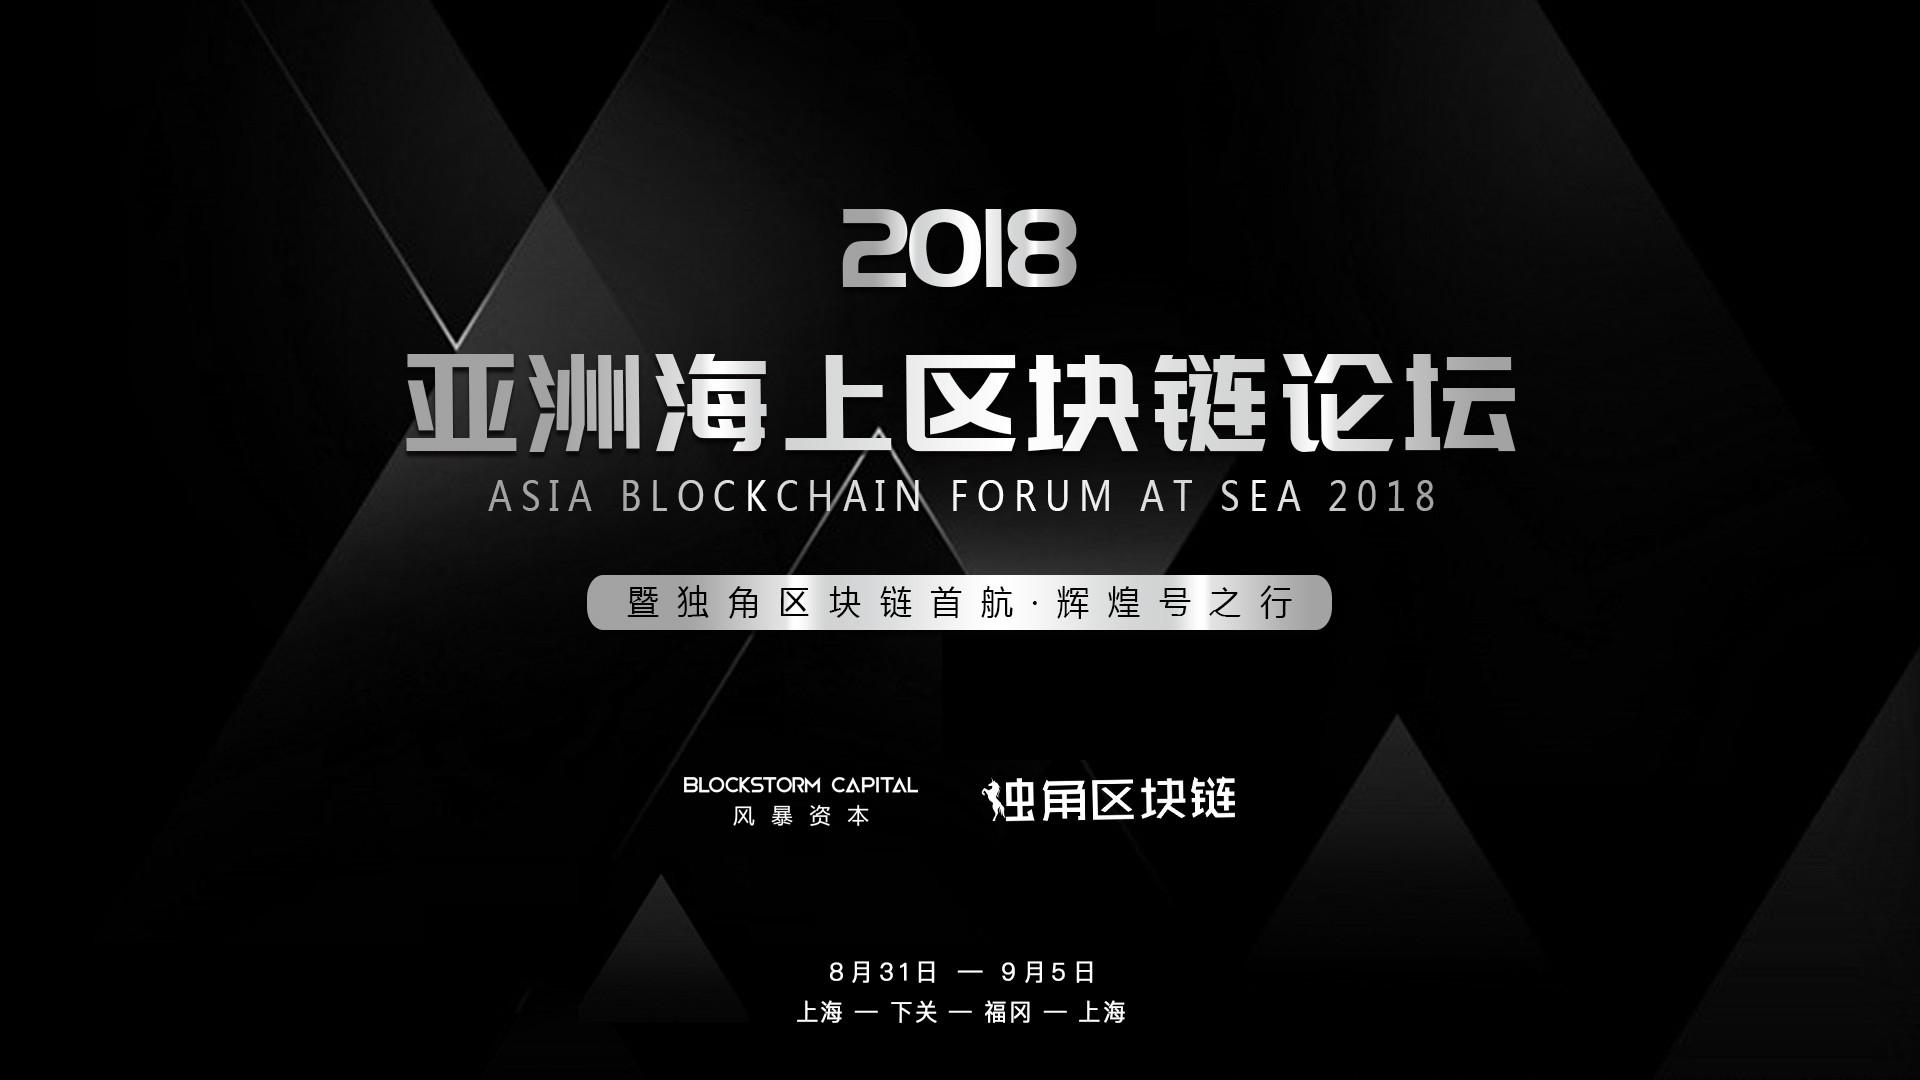 2018亚洲海上区块链论坛